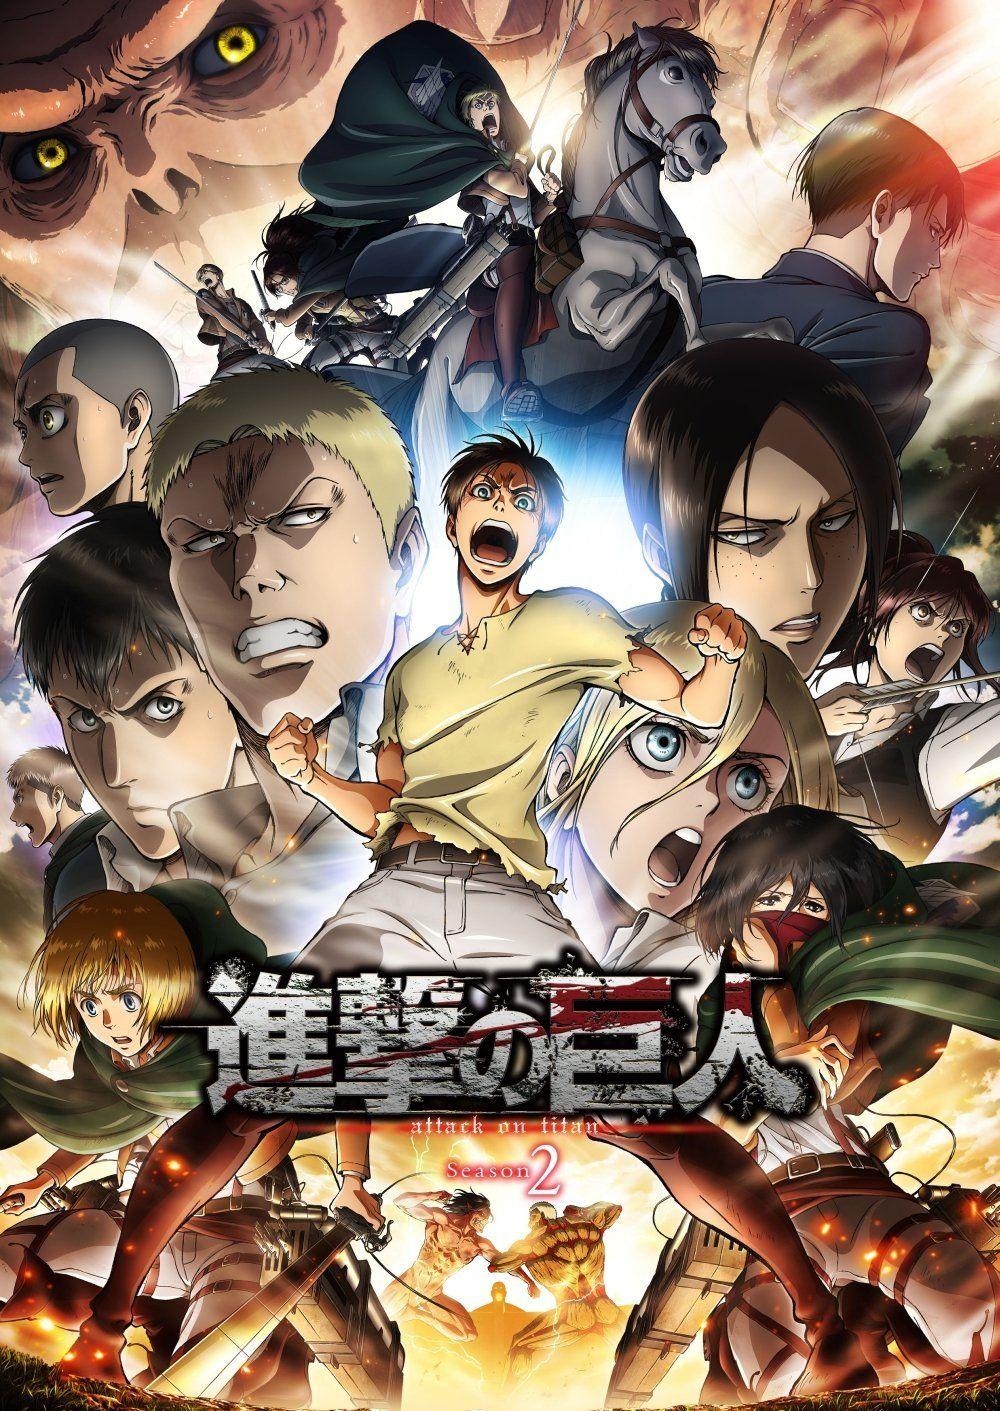 La segunda temporada de Shingeki no Kyojin anunciada con 12 episodios.